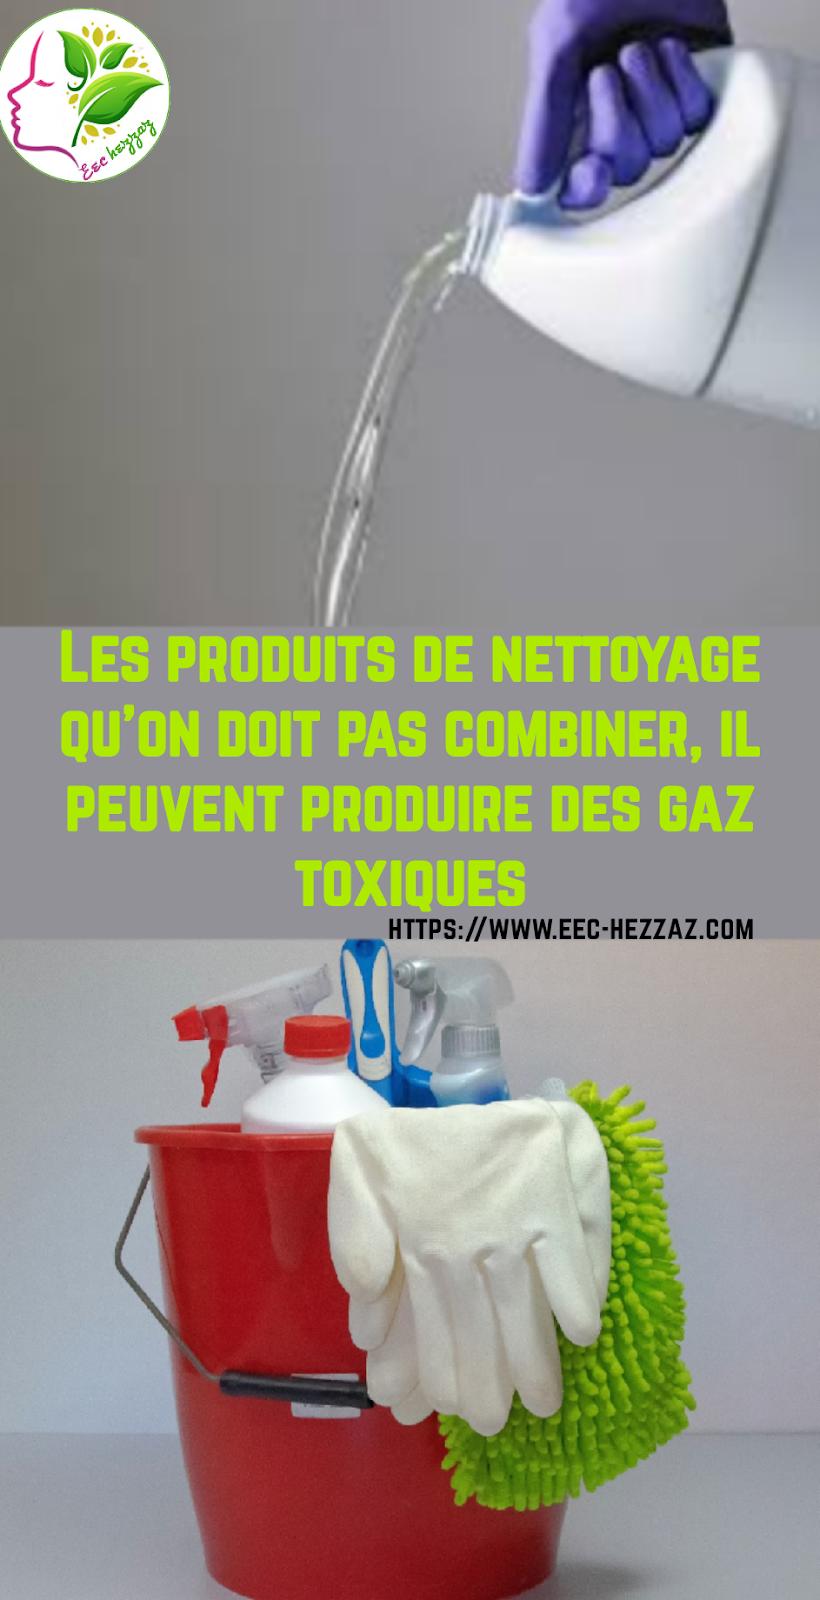 Les produits de nettoyage qu'on doit pas combiner, il peuvent produire des gaz toxiques